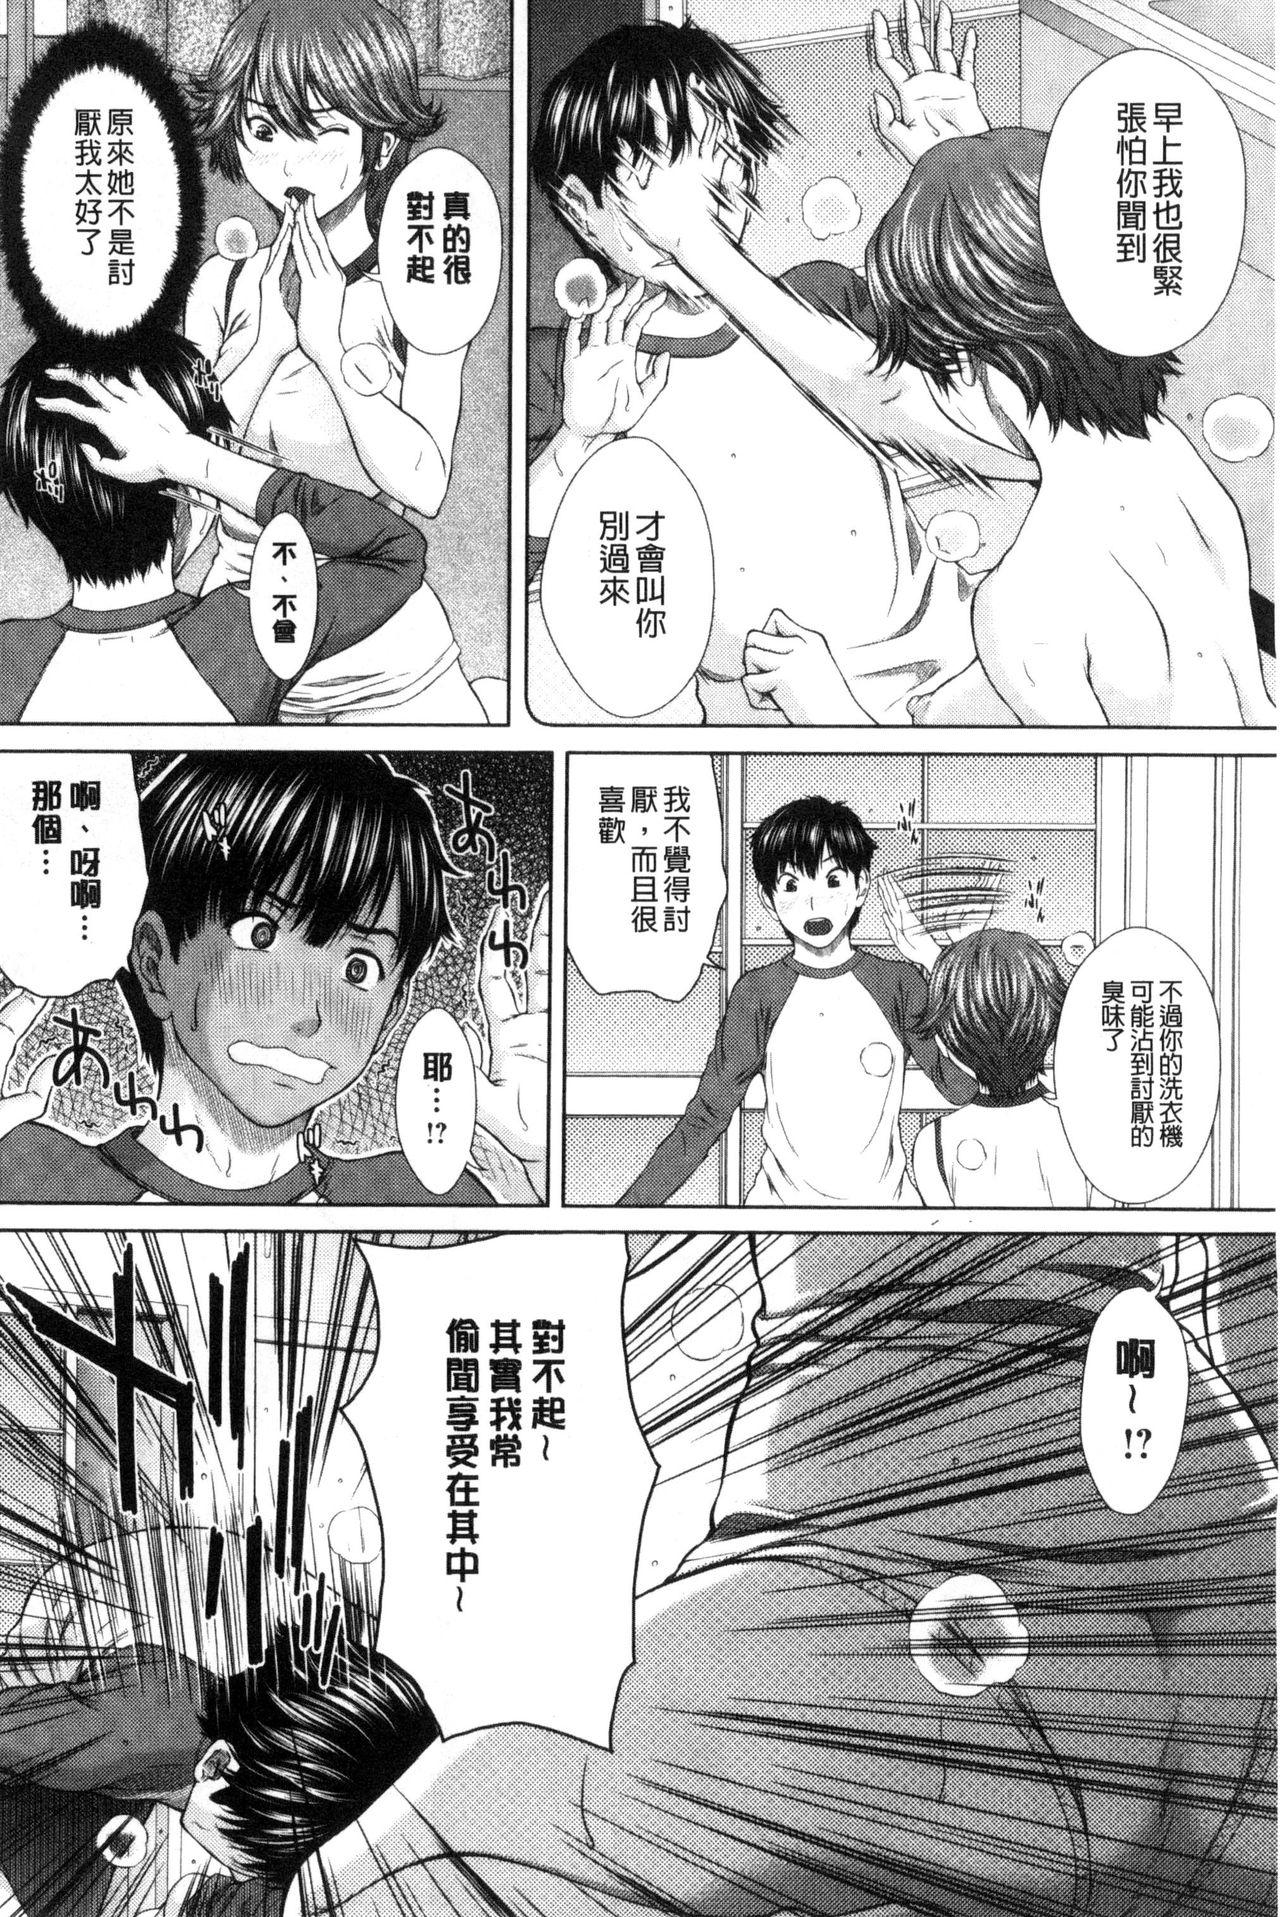 Mesukano Inbina Mesu Kanojotachi To No Hibi 12